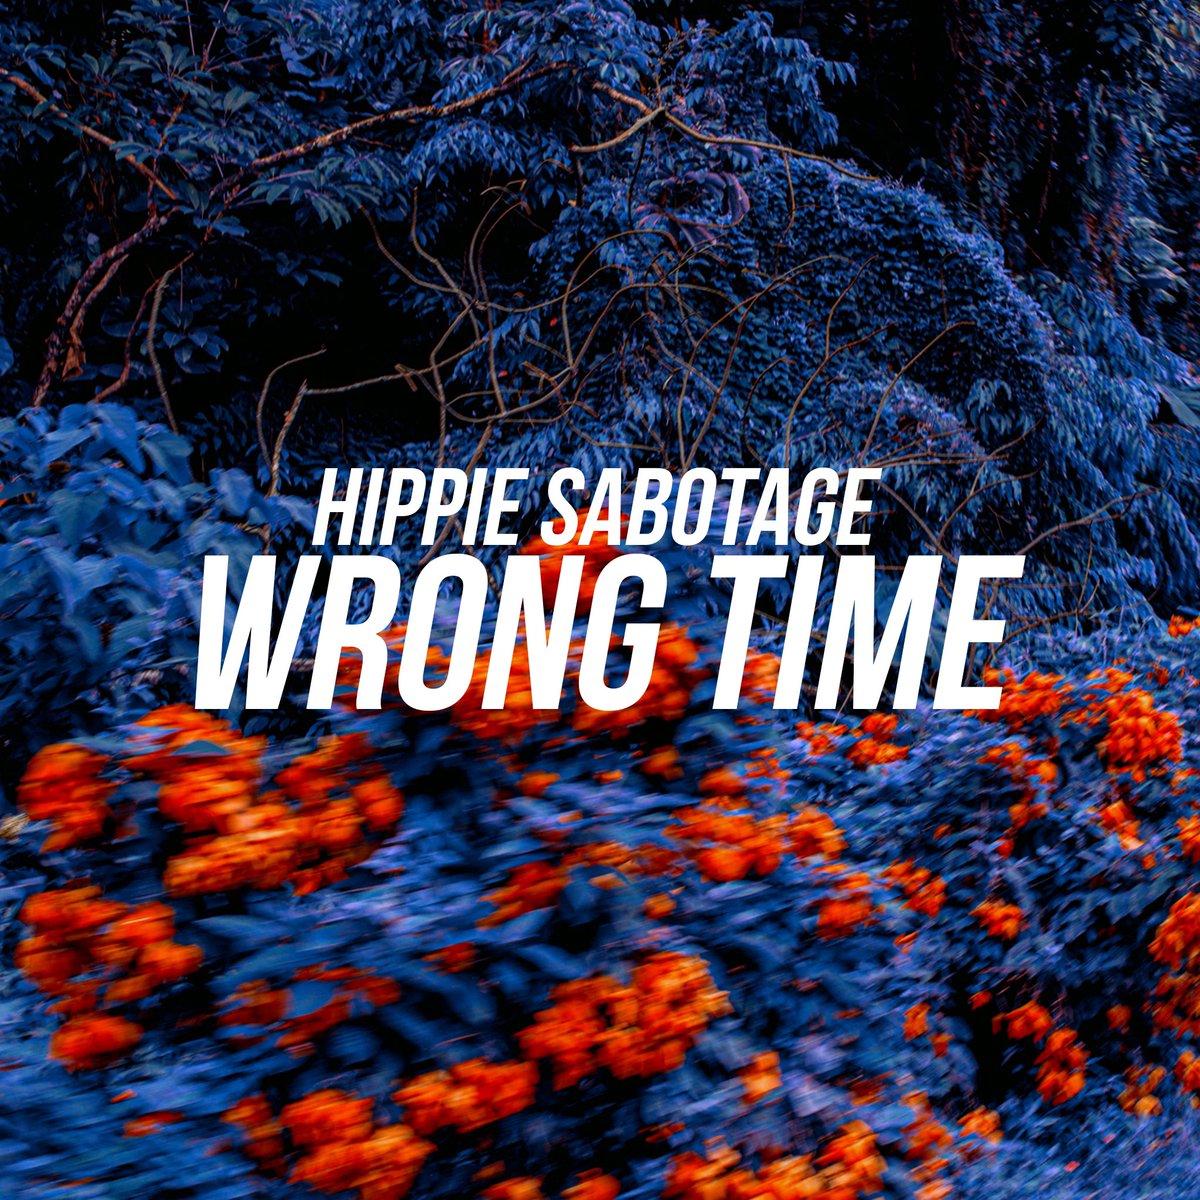 soundcloud.com/hippiesabotage…